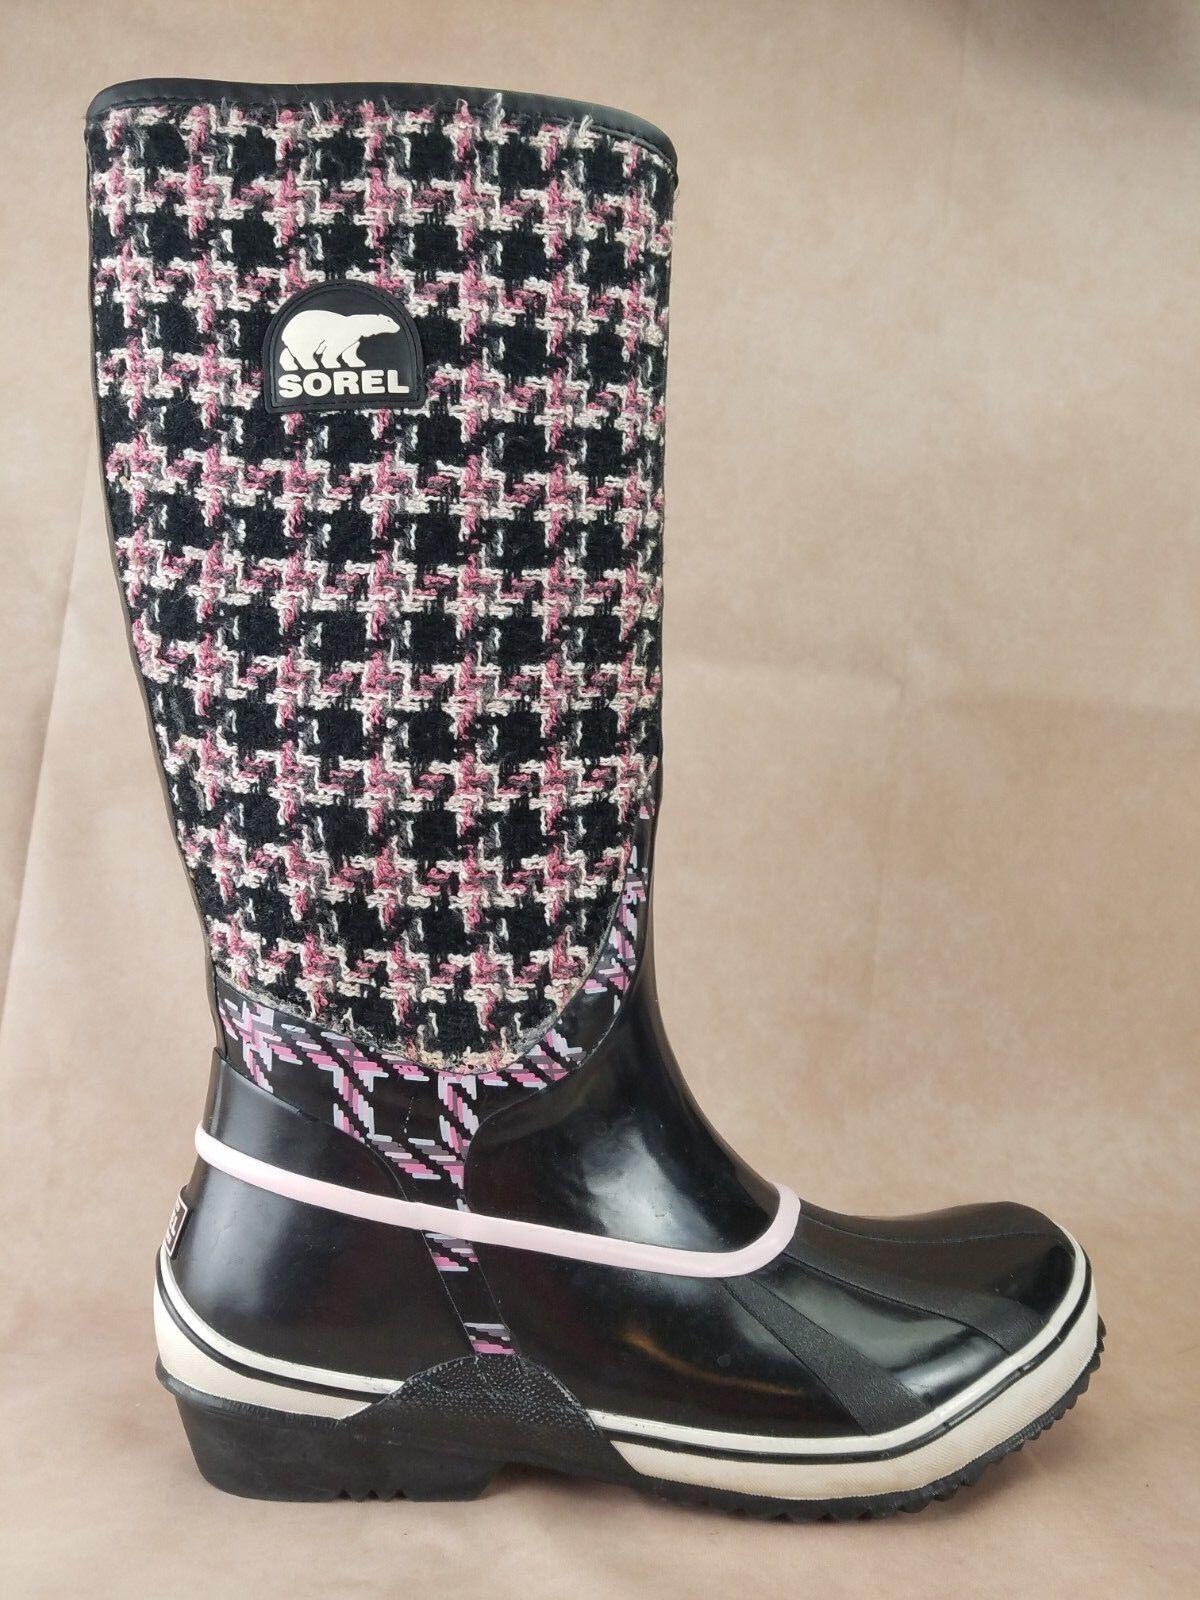 sconto Sorel Sorellington donna Winter Knee avvio Dimensione 10 nero nero nero rosa Waterproof  ordina ora i prezzi più bassi